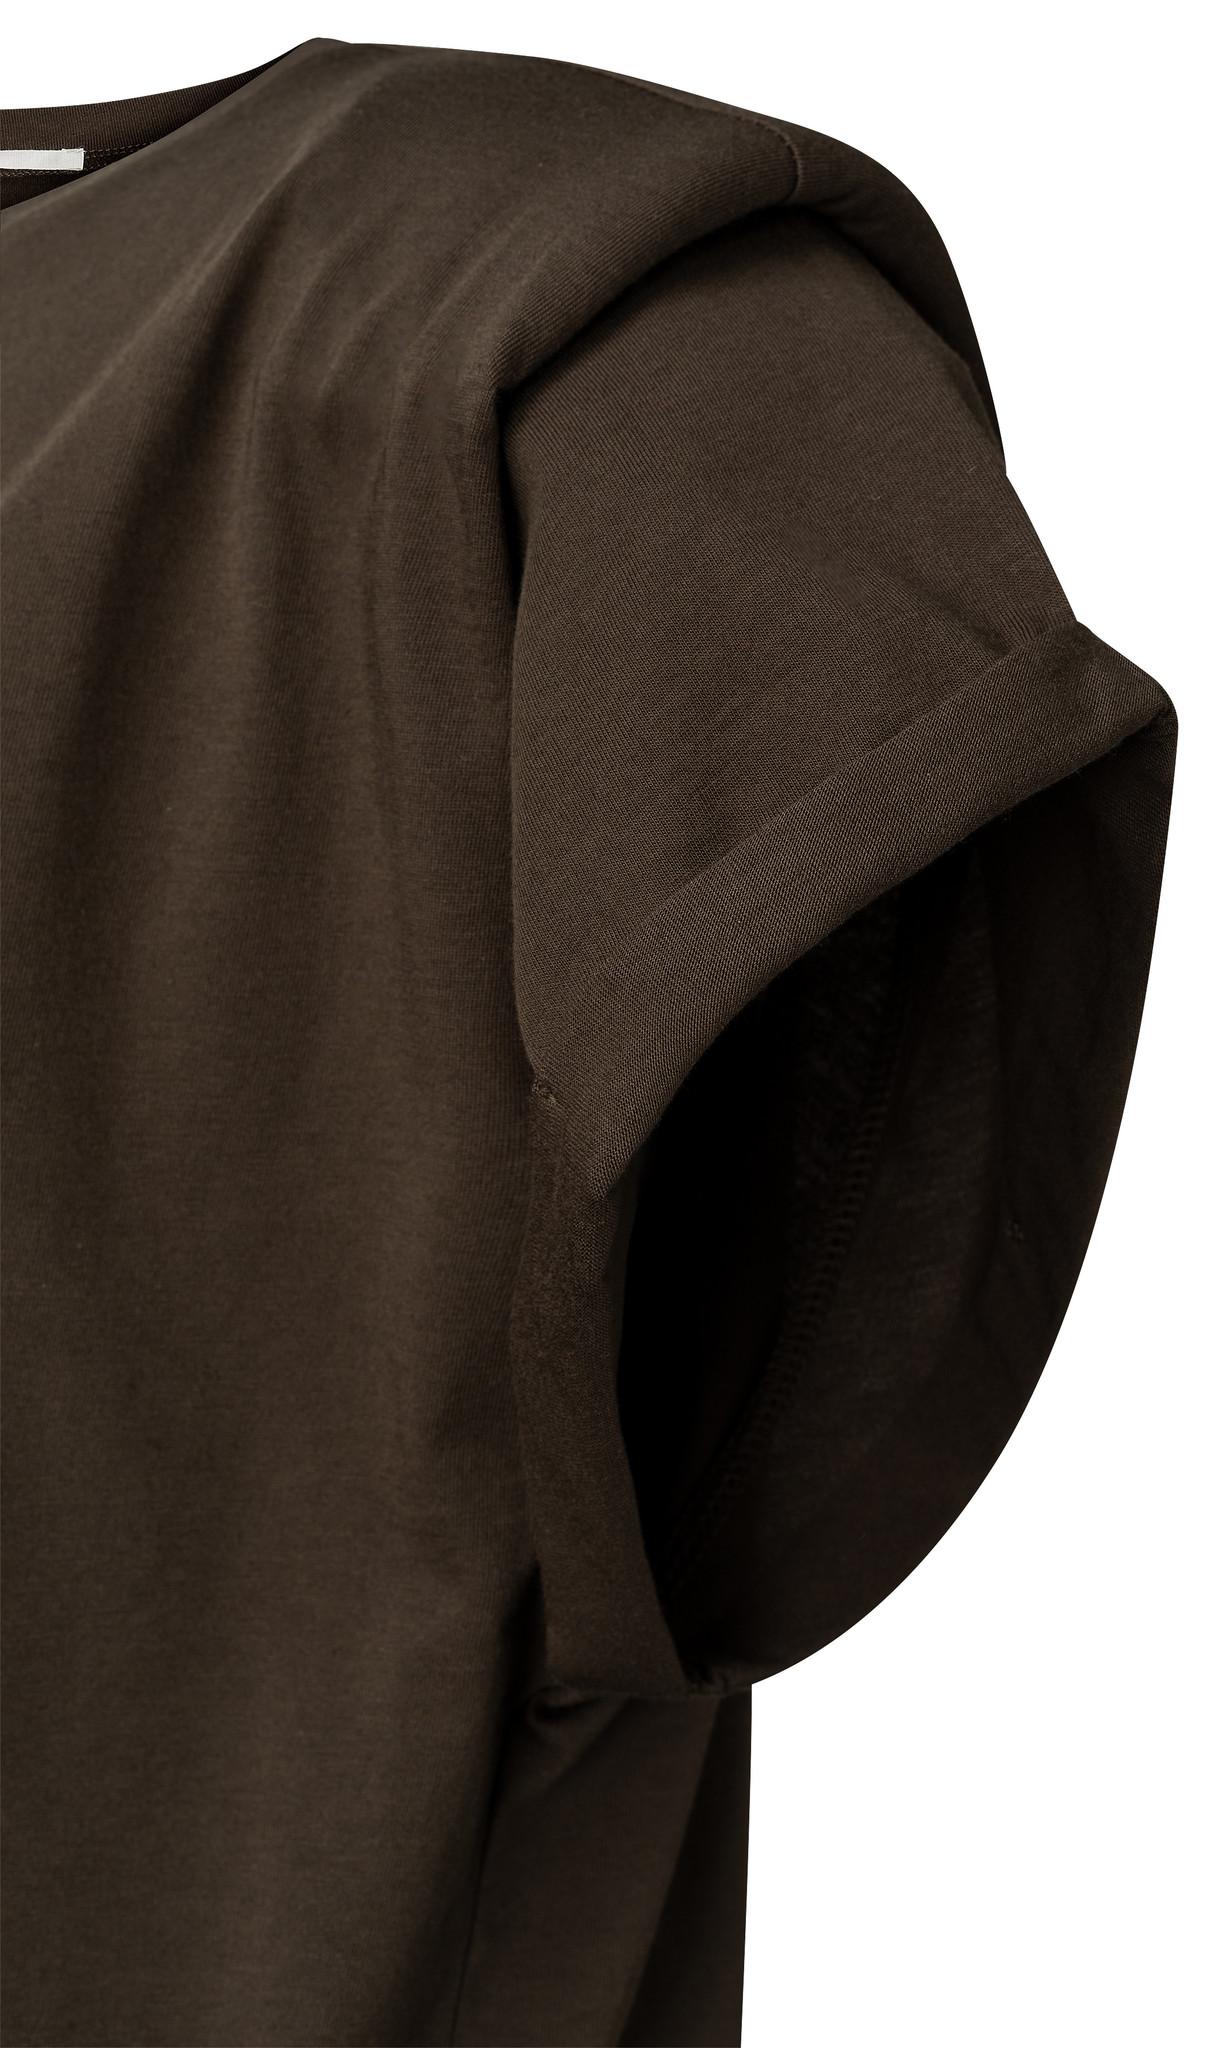 yaya Top with shoulder de 1909440-115-2